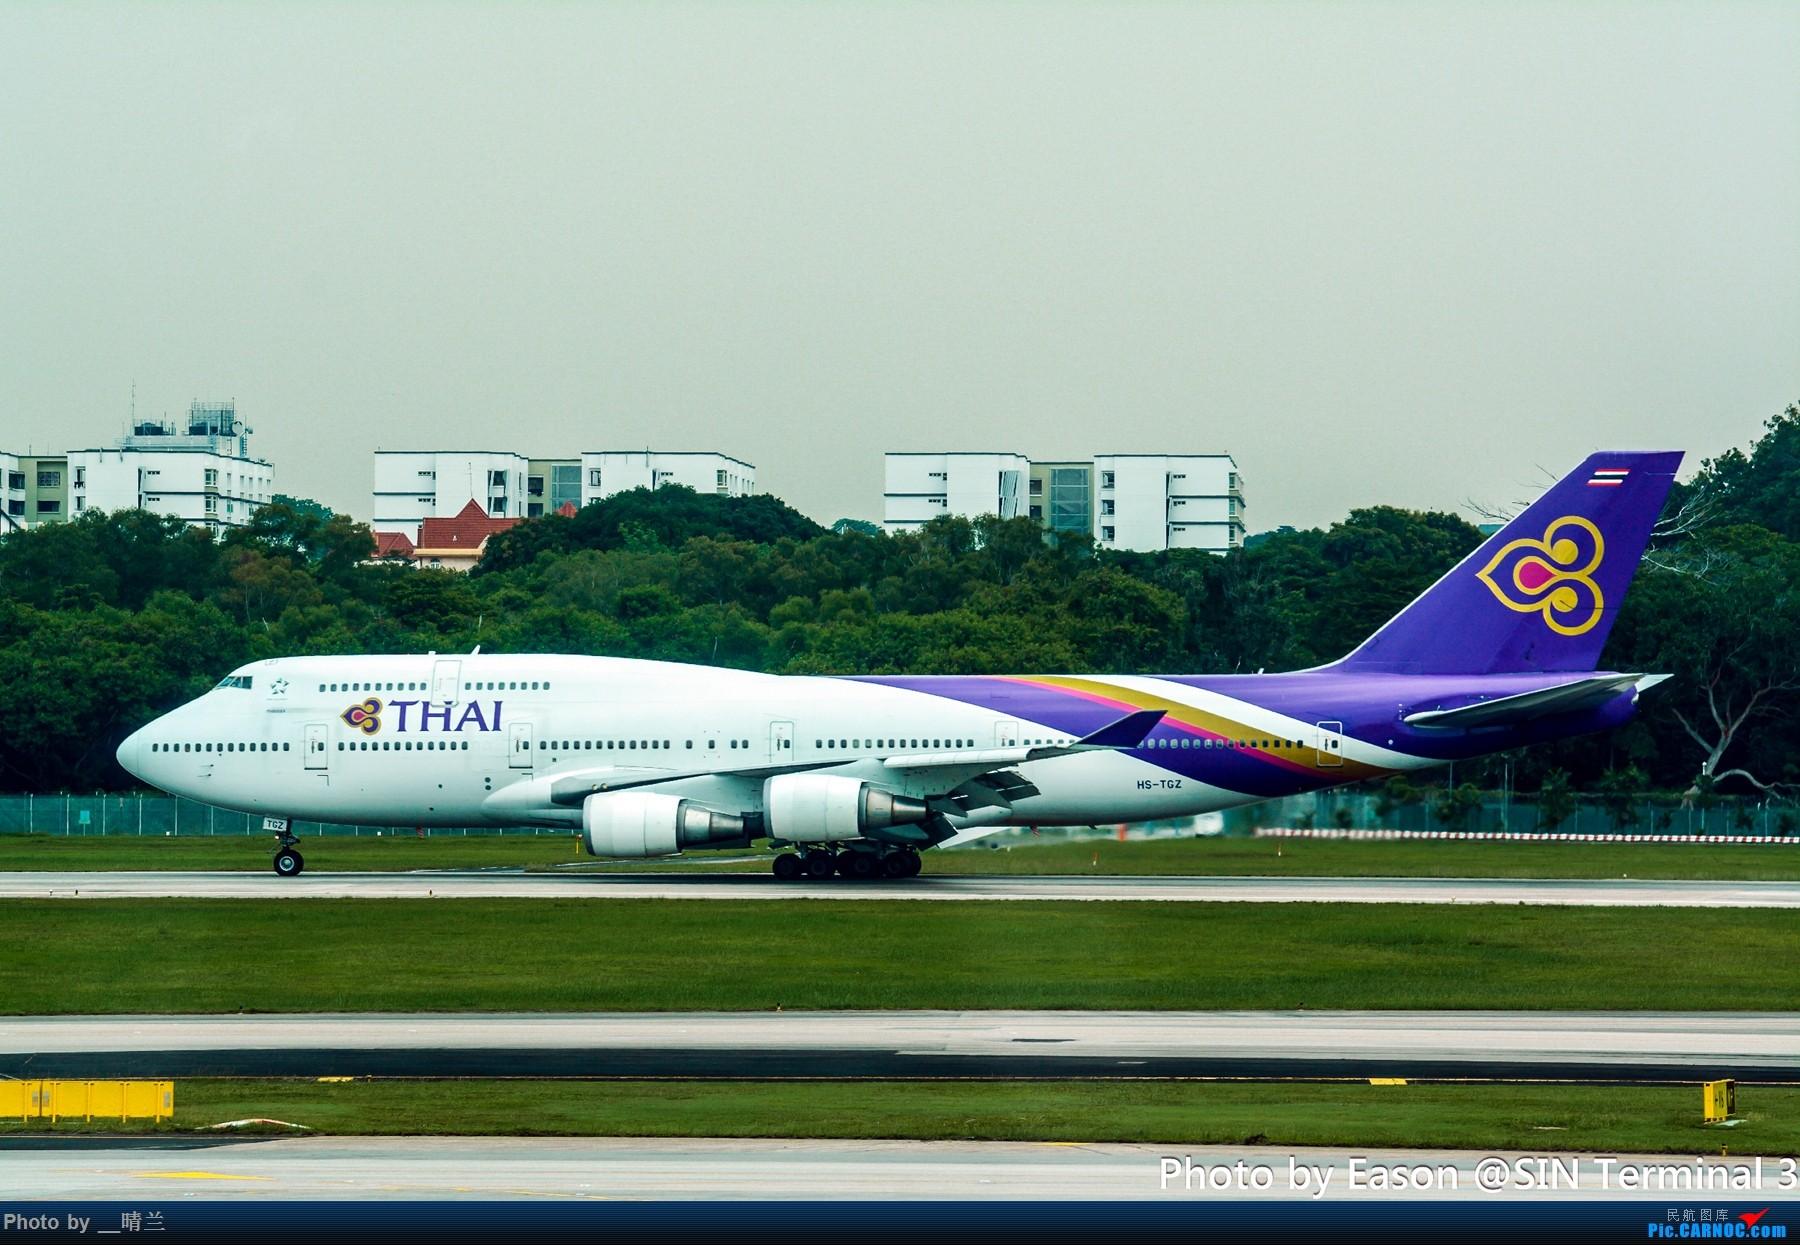 Re:[原创]PVG+SIN候机楼杂拍 BOEING 747-400 HS-TGZ 新加坡樟宜机场